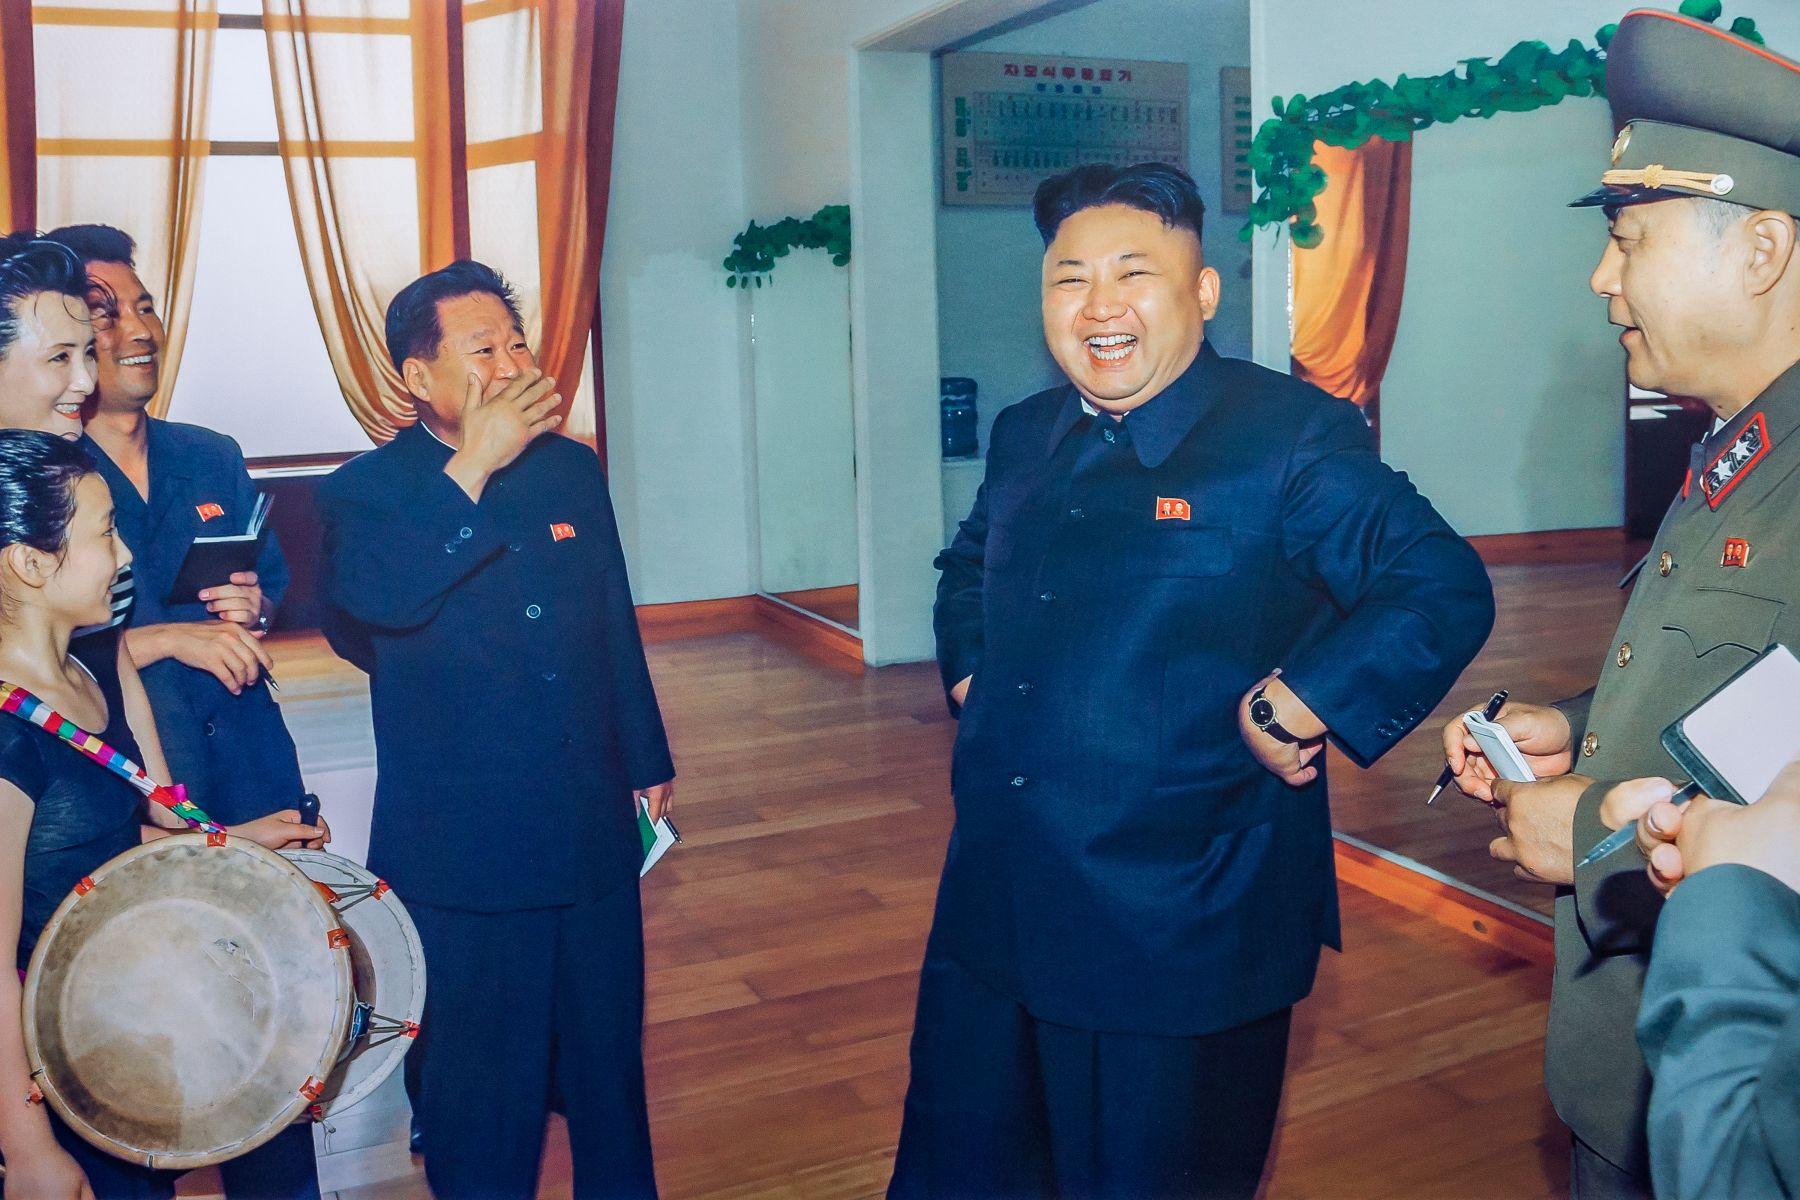 金正恩神隱三周為何讓外界這麼緊張? 專家:若他真的身亡恐掀核武大戰